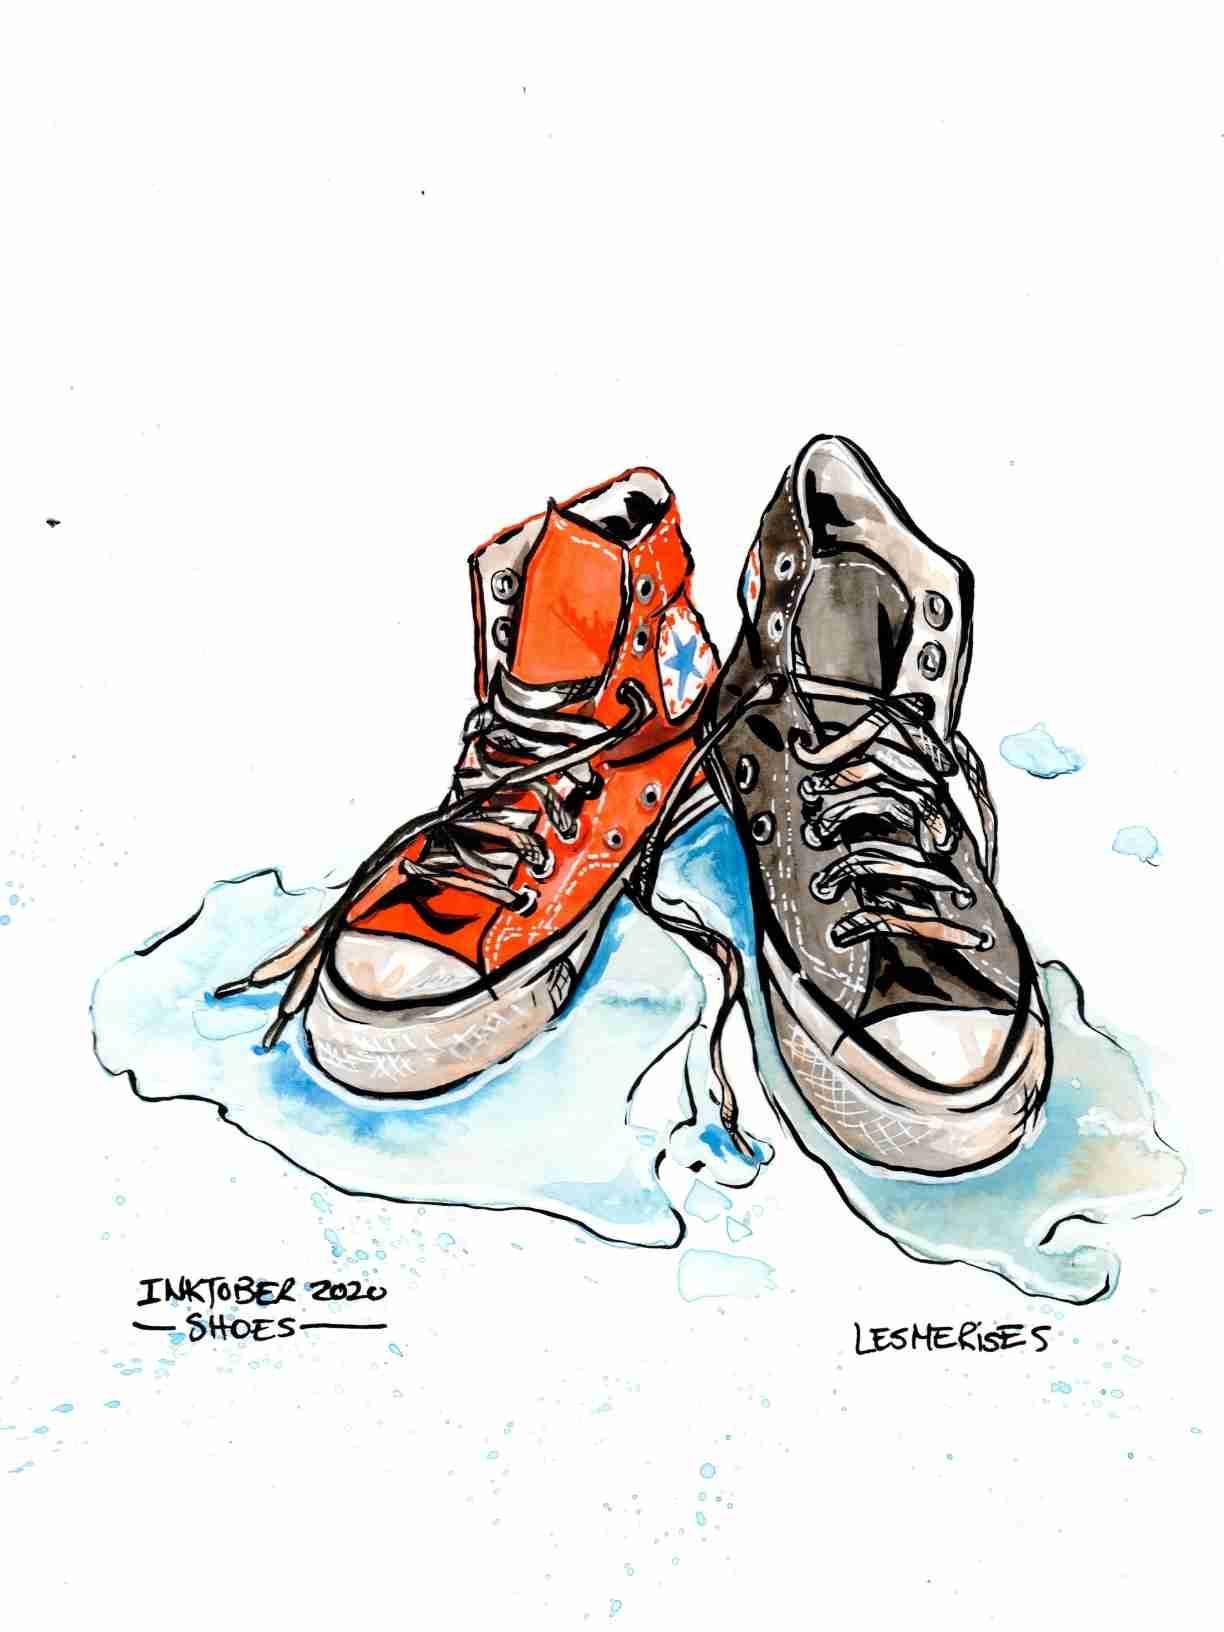 Aquarelle illustration shoes